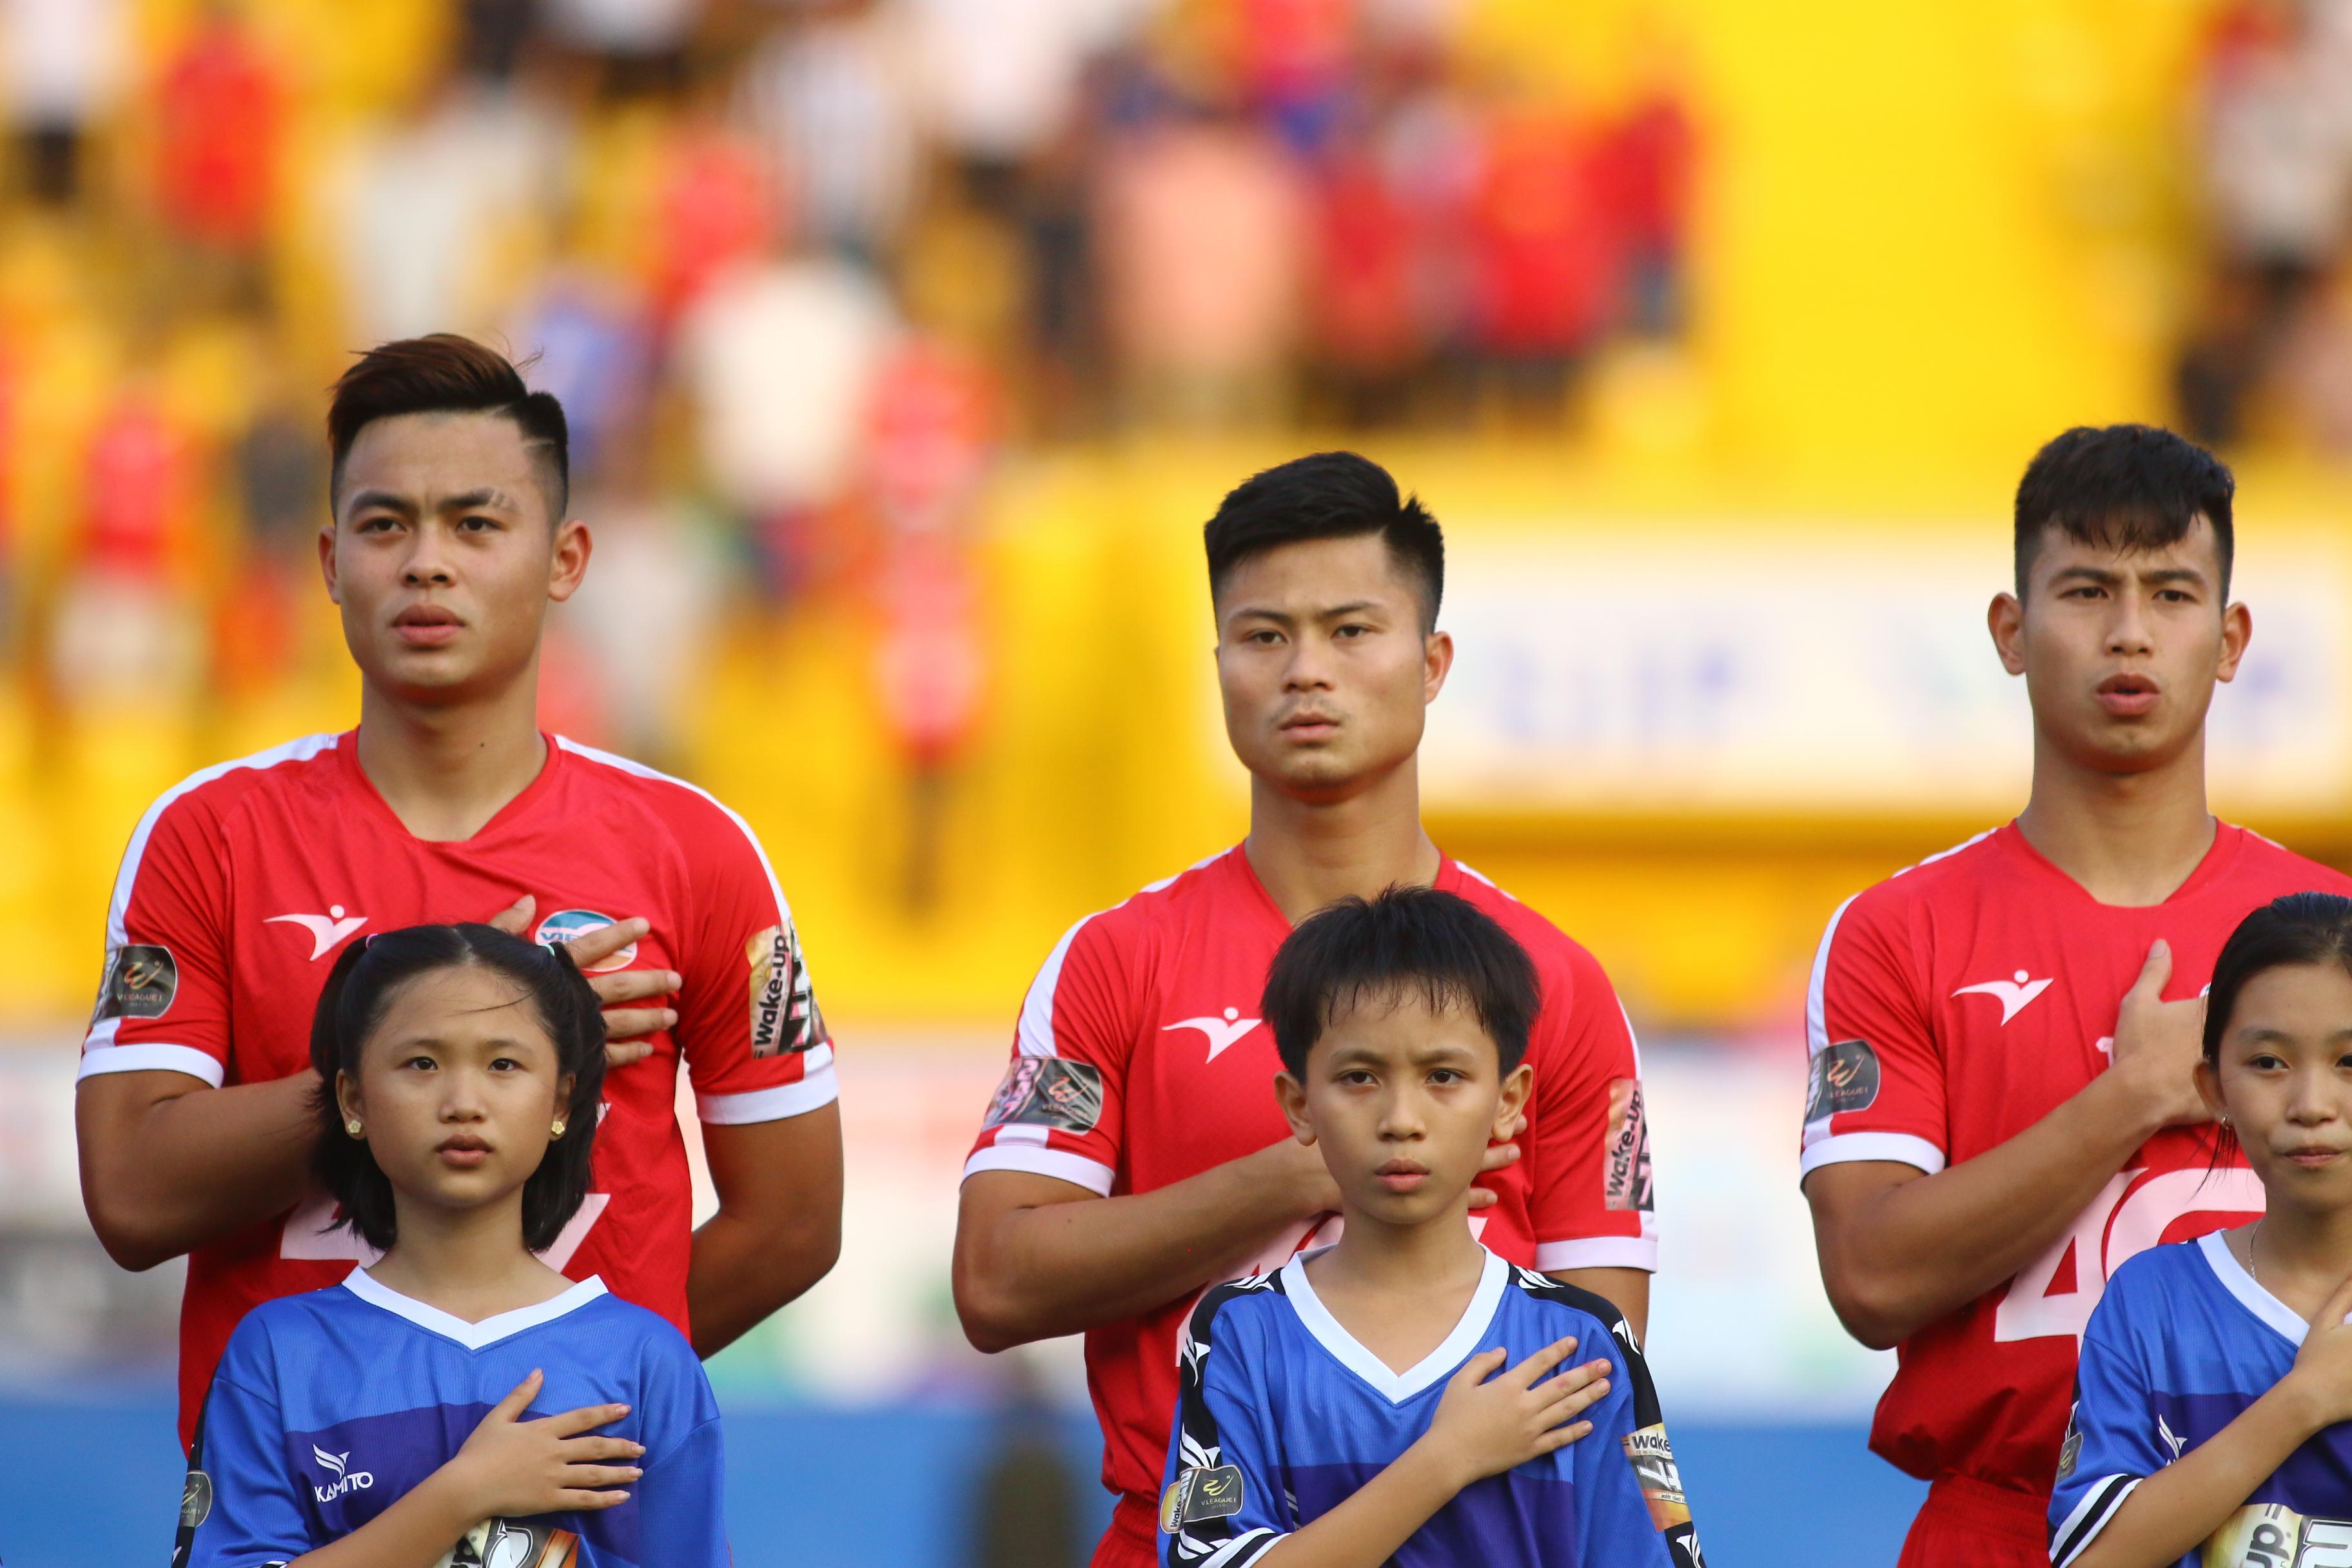 Trực tiếp Viettel 0-0 Nam Định: Đội hình xuất phát - Bóng Đá